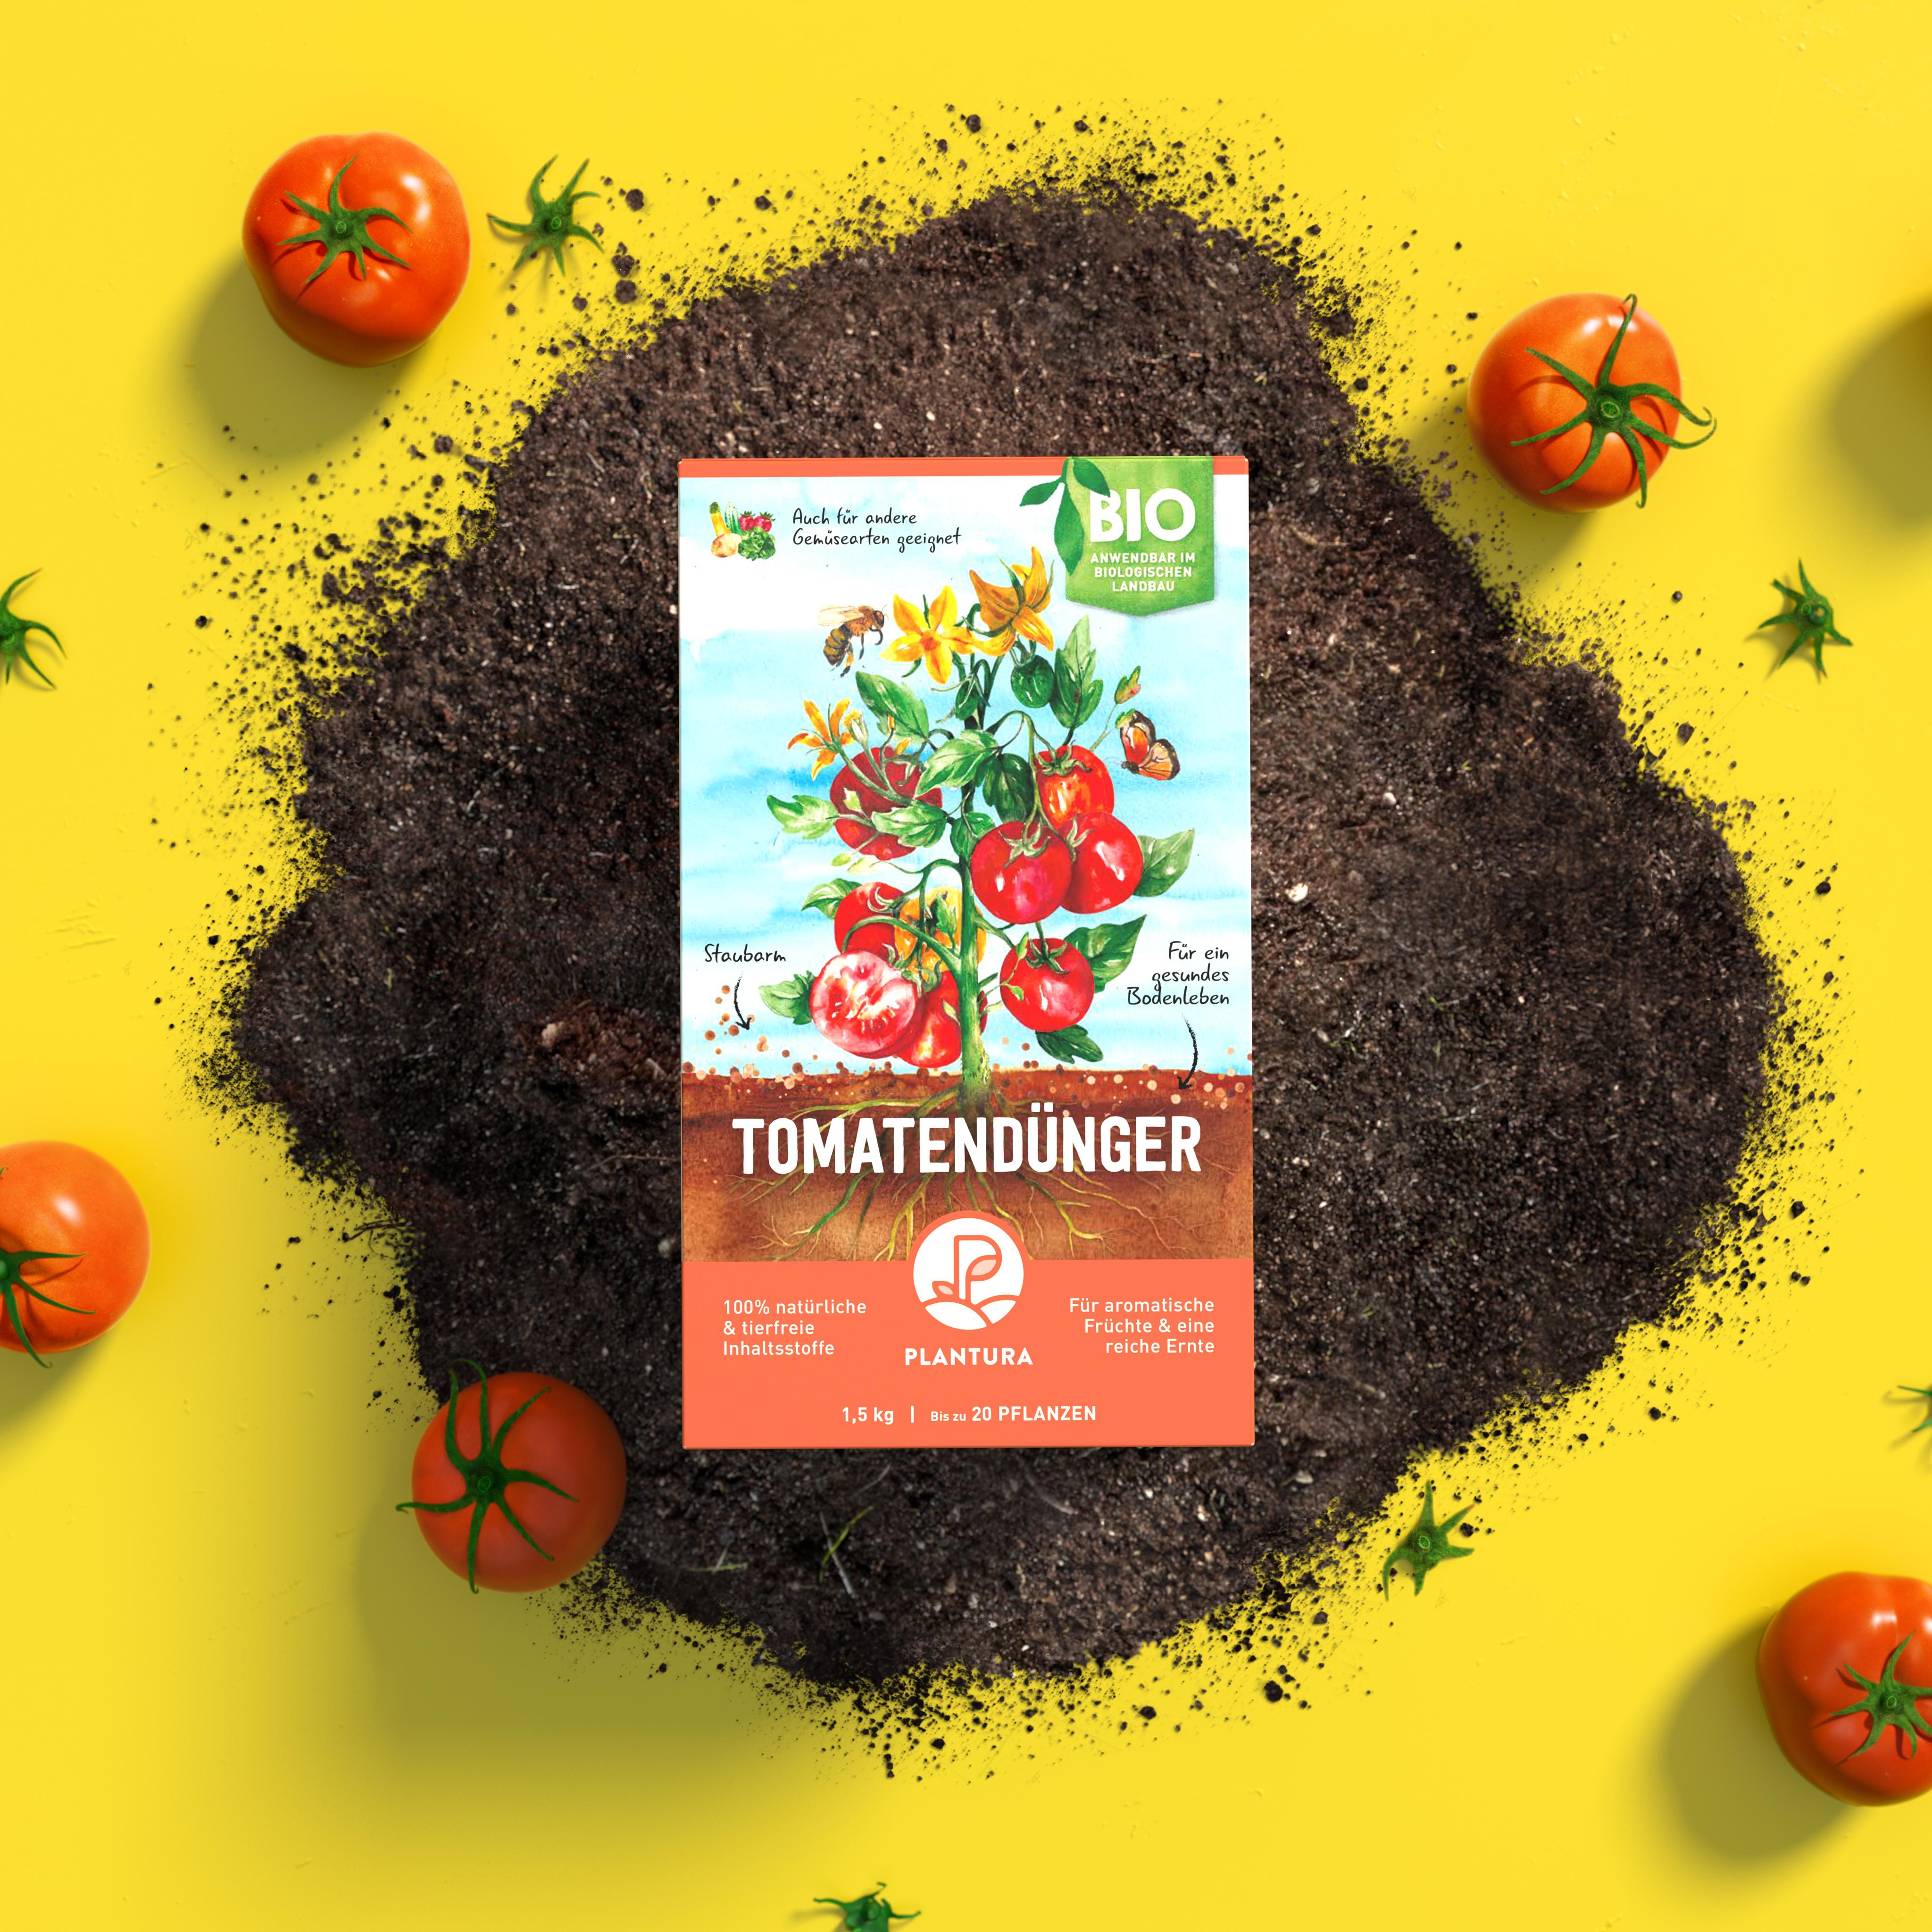 SB_Plantura_Single_Tomatoes_vA_05